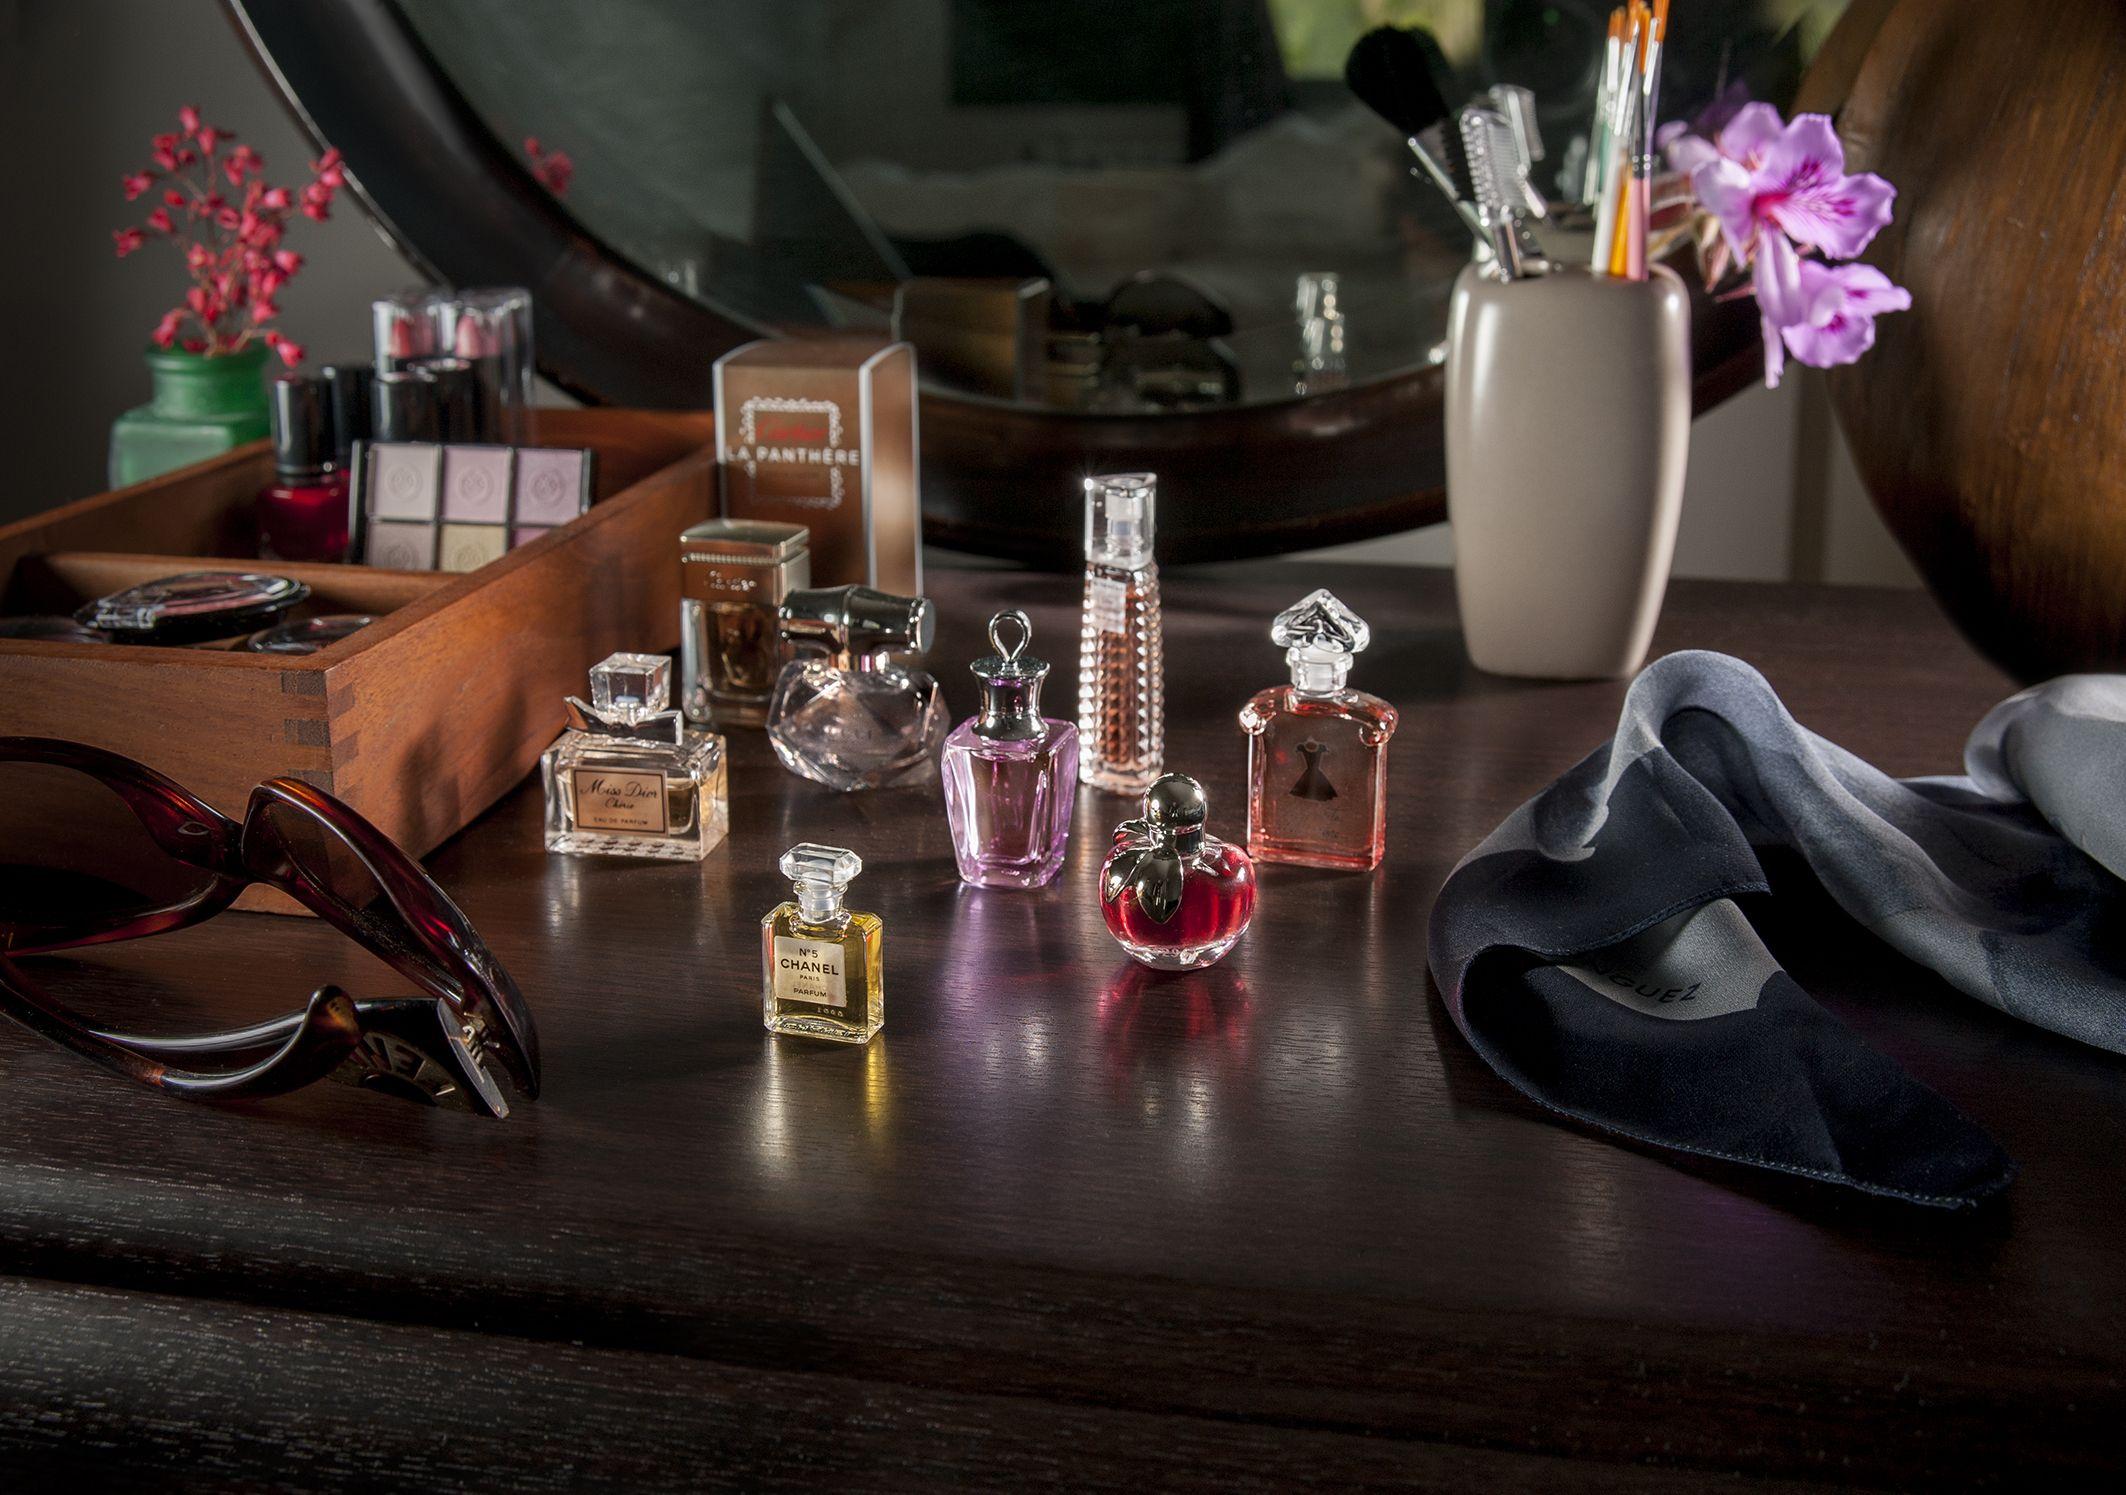 ·miniperfume travelperfume minipafum minifragances